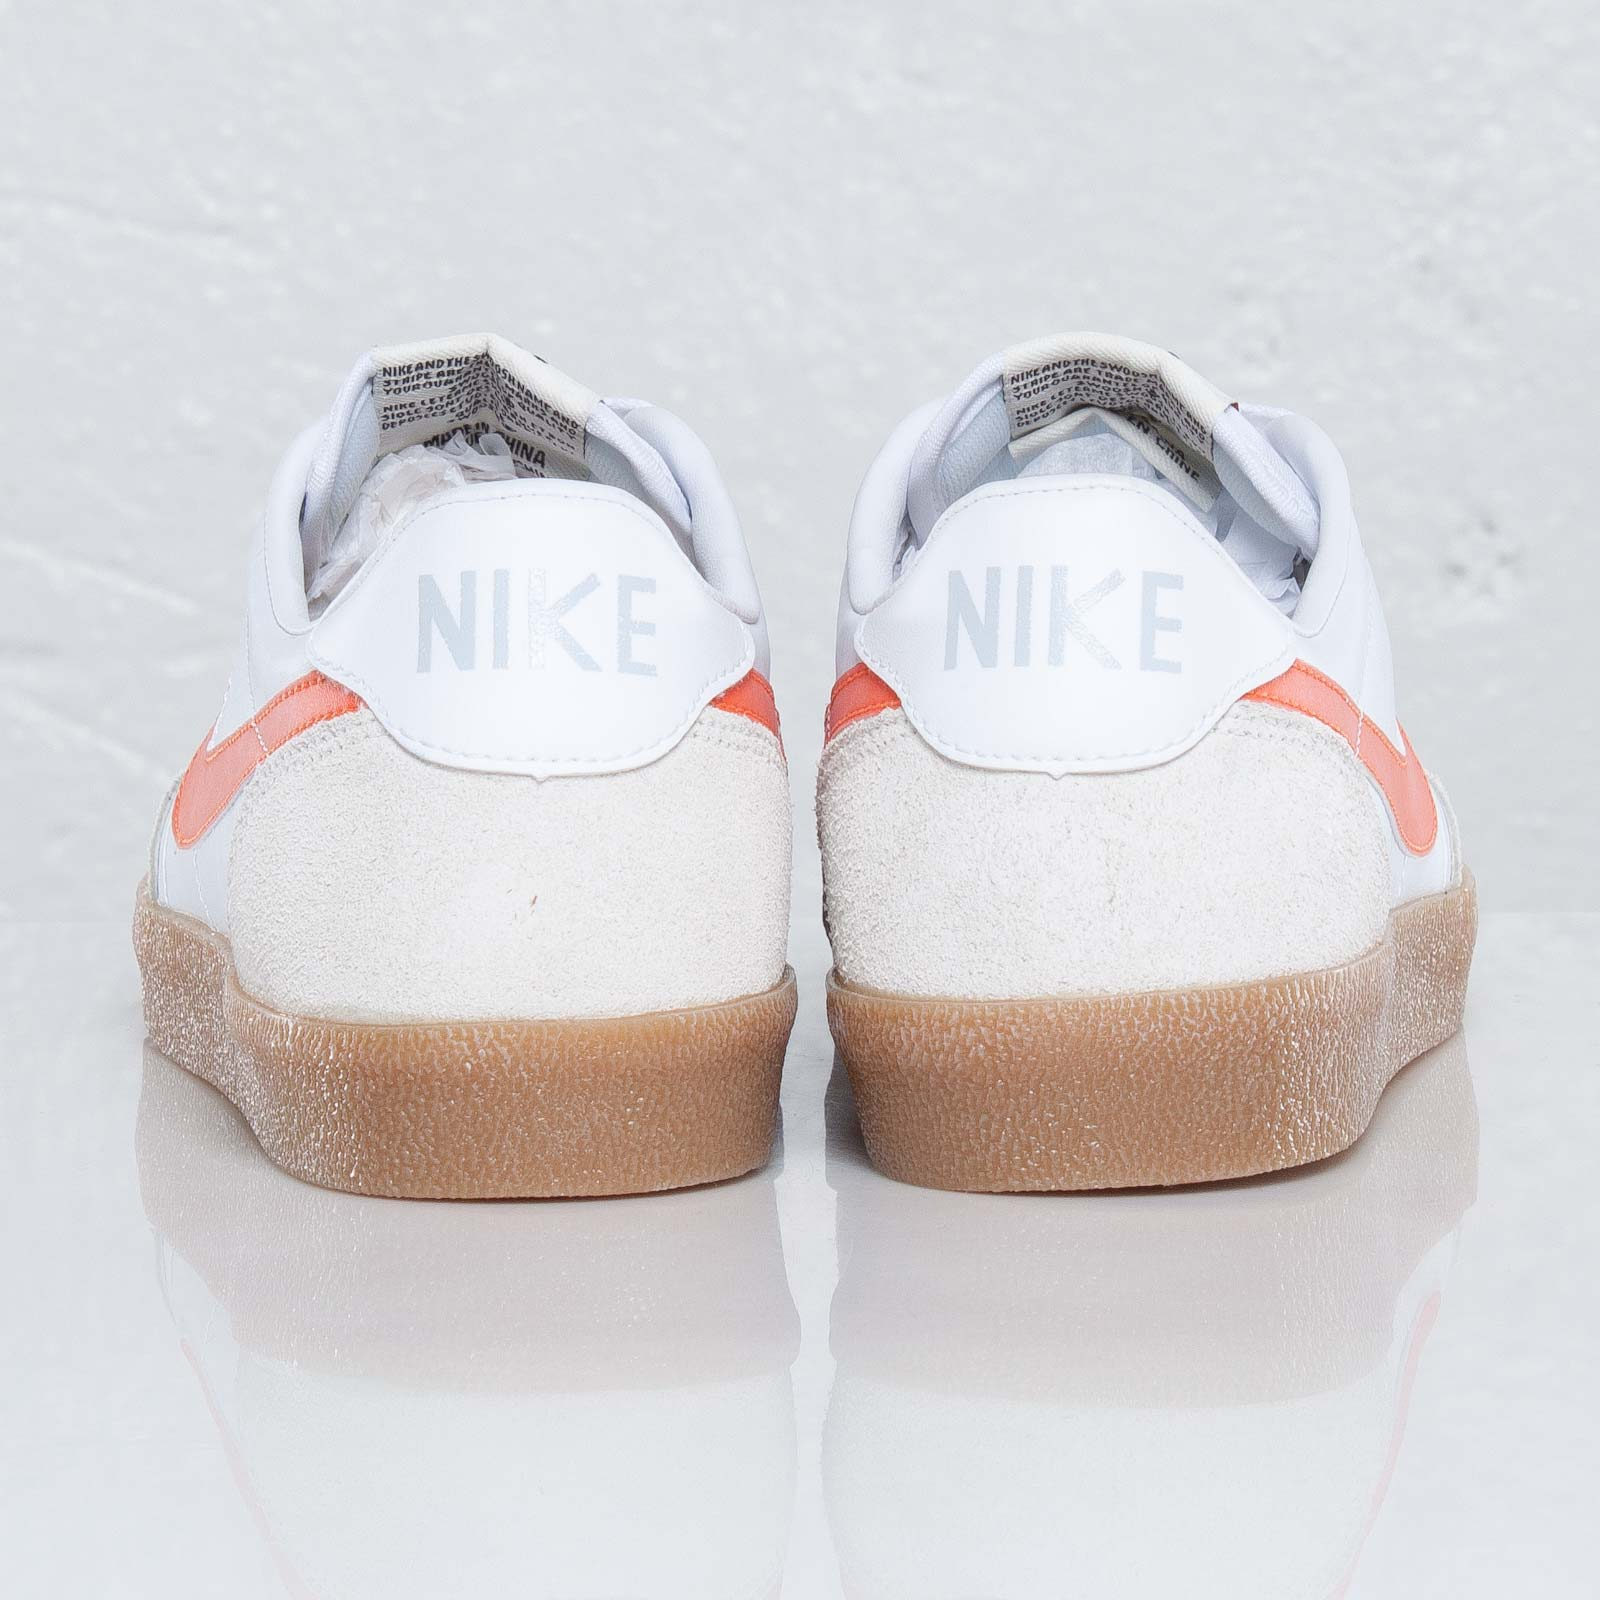 brand new 12b01 5caa3 Nike Killshot 2 Leather - 109950 - Sneakersnstuff   sneakers   streetwear  online since 1999